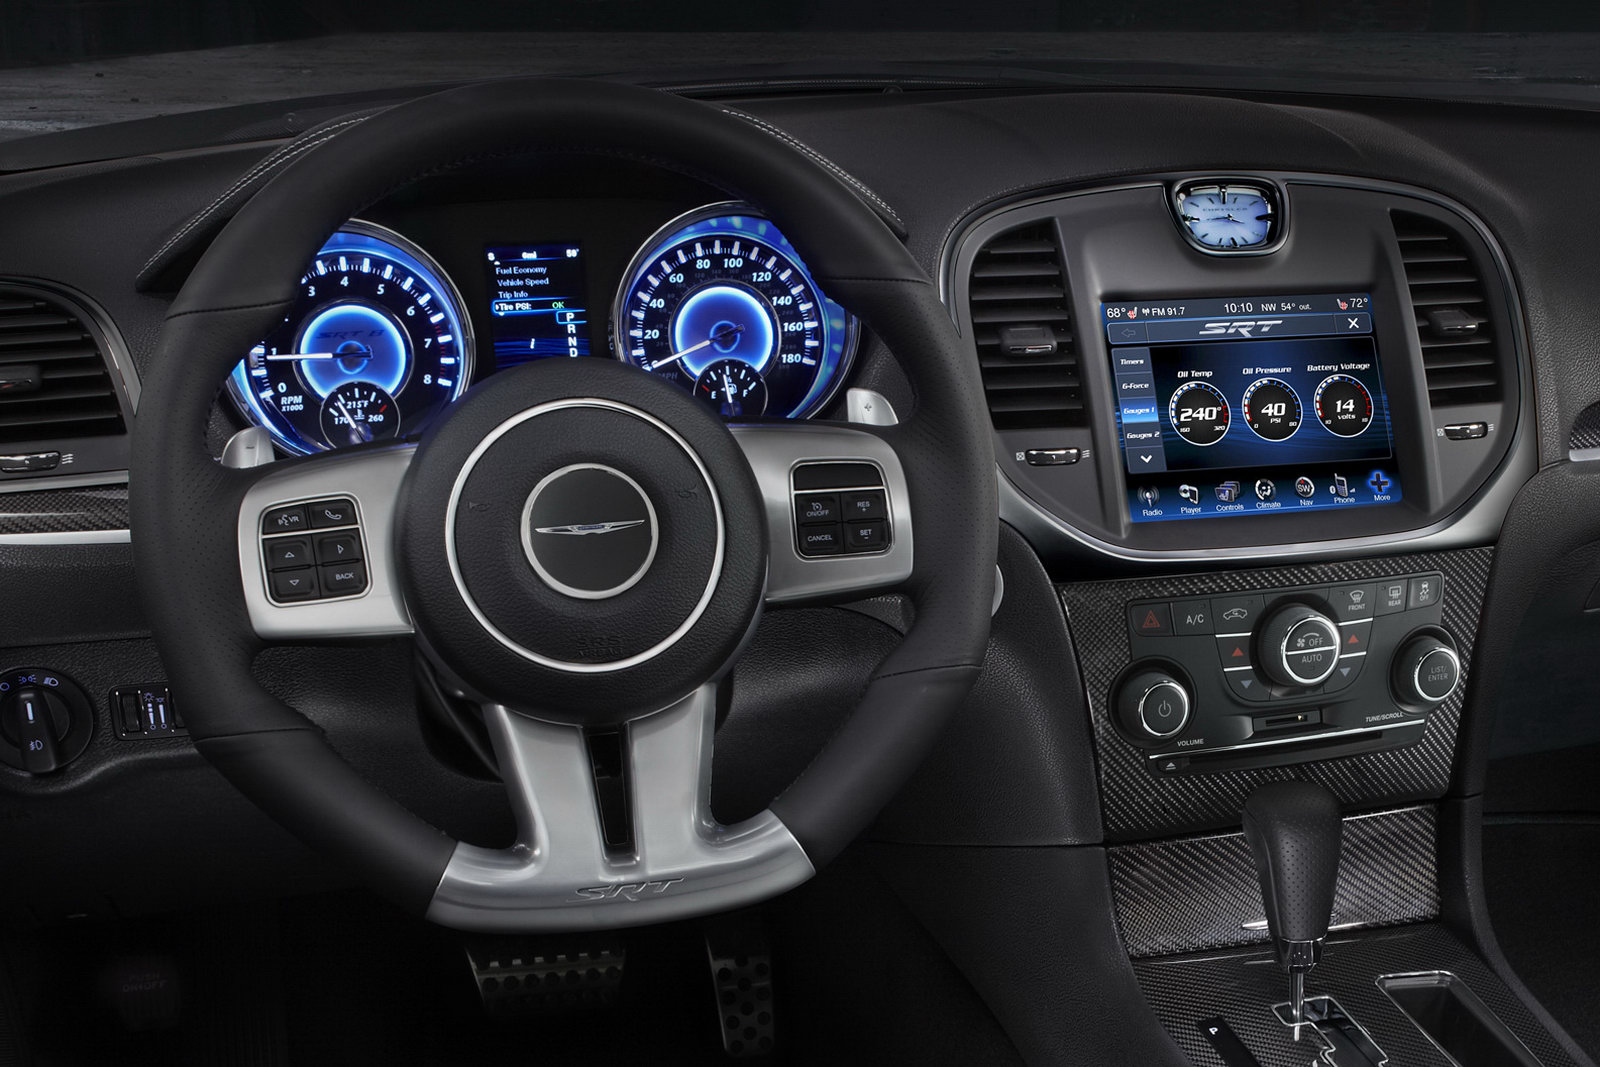 2012 Chrysler 300c Srt8 Cars